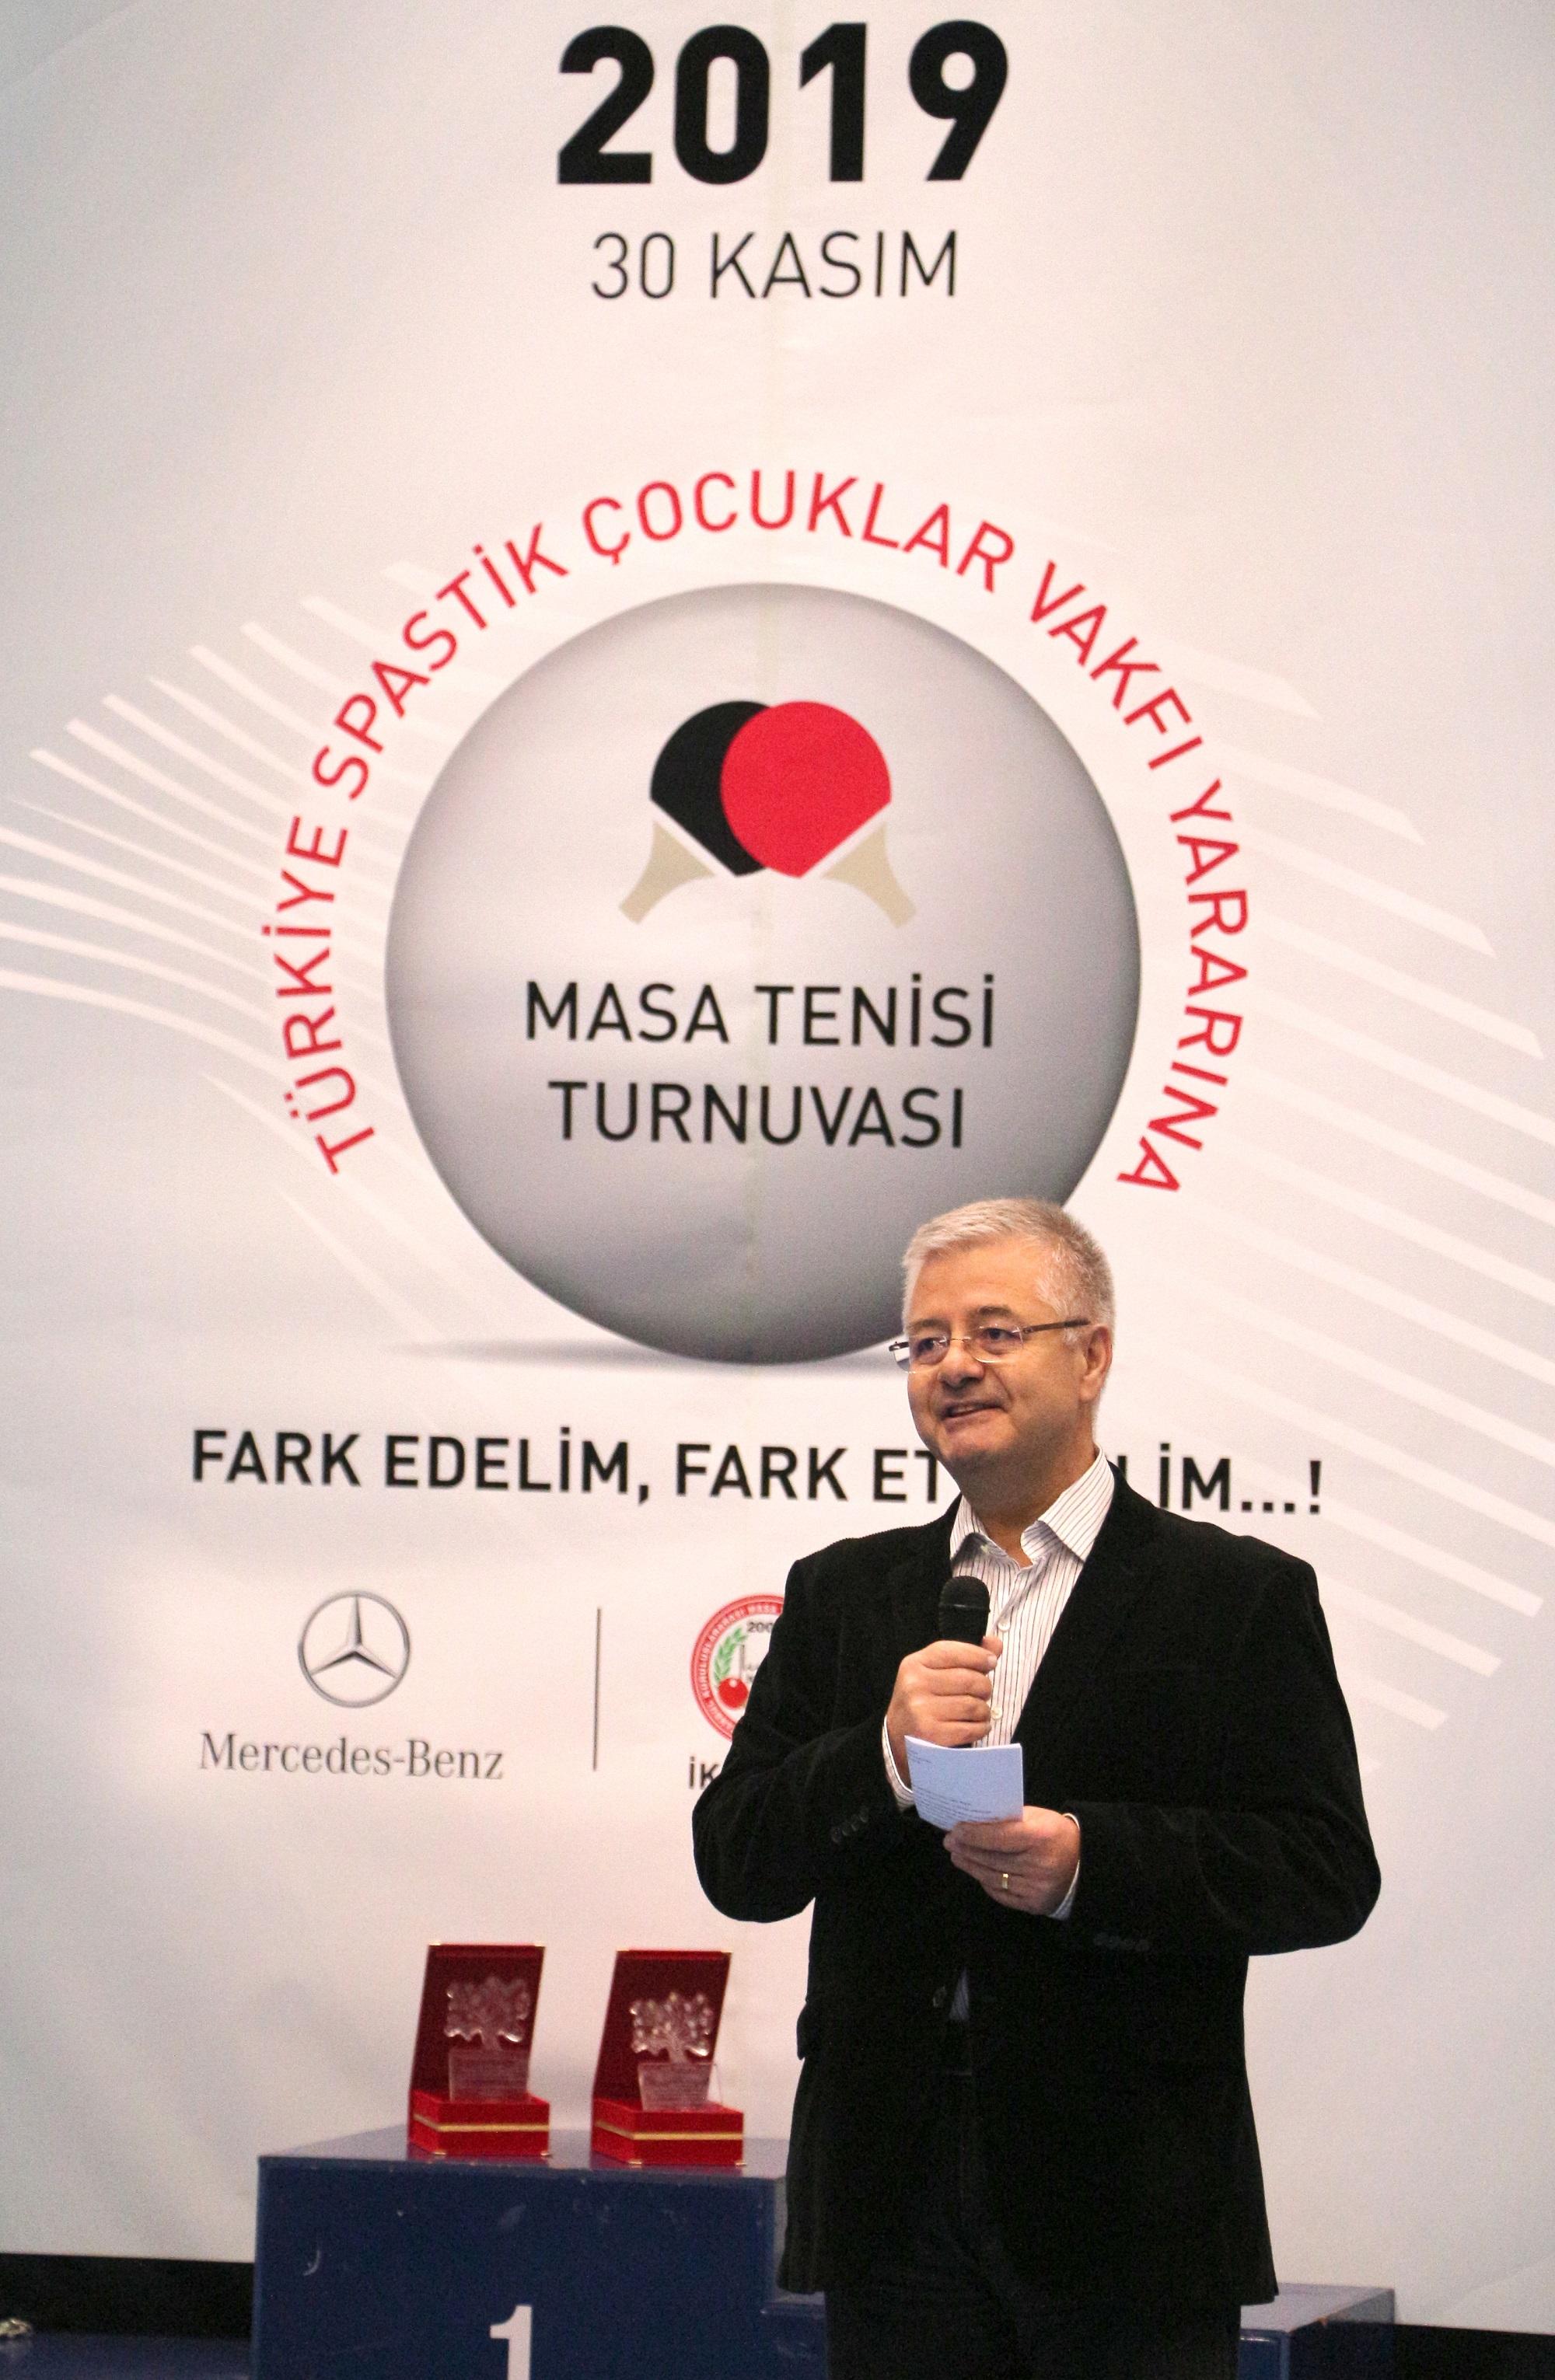 mercedes-benz-turk-otobus-tedarik-zinciri-yonetimi-direktoru-hilmi-dilmen.jpg